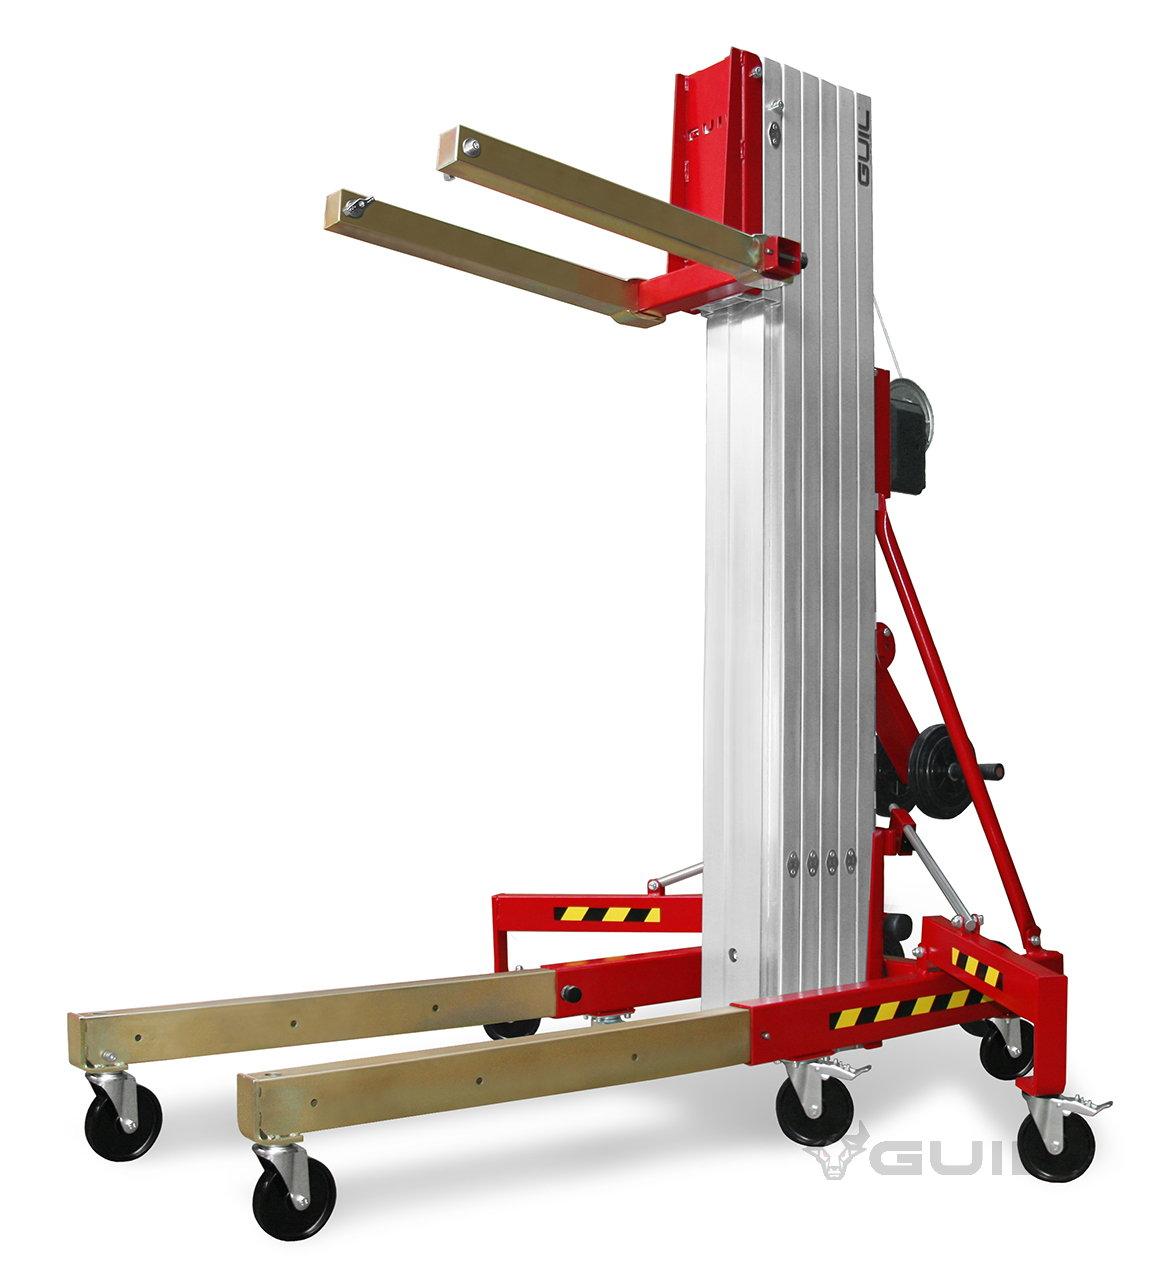 Kanaallift 3,85 m 340 kg (1)